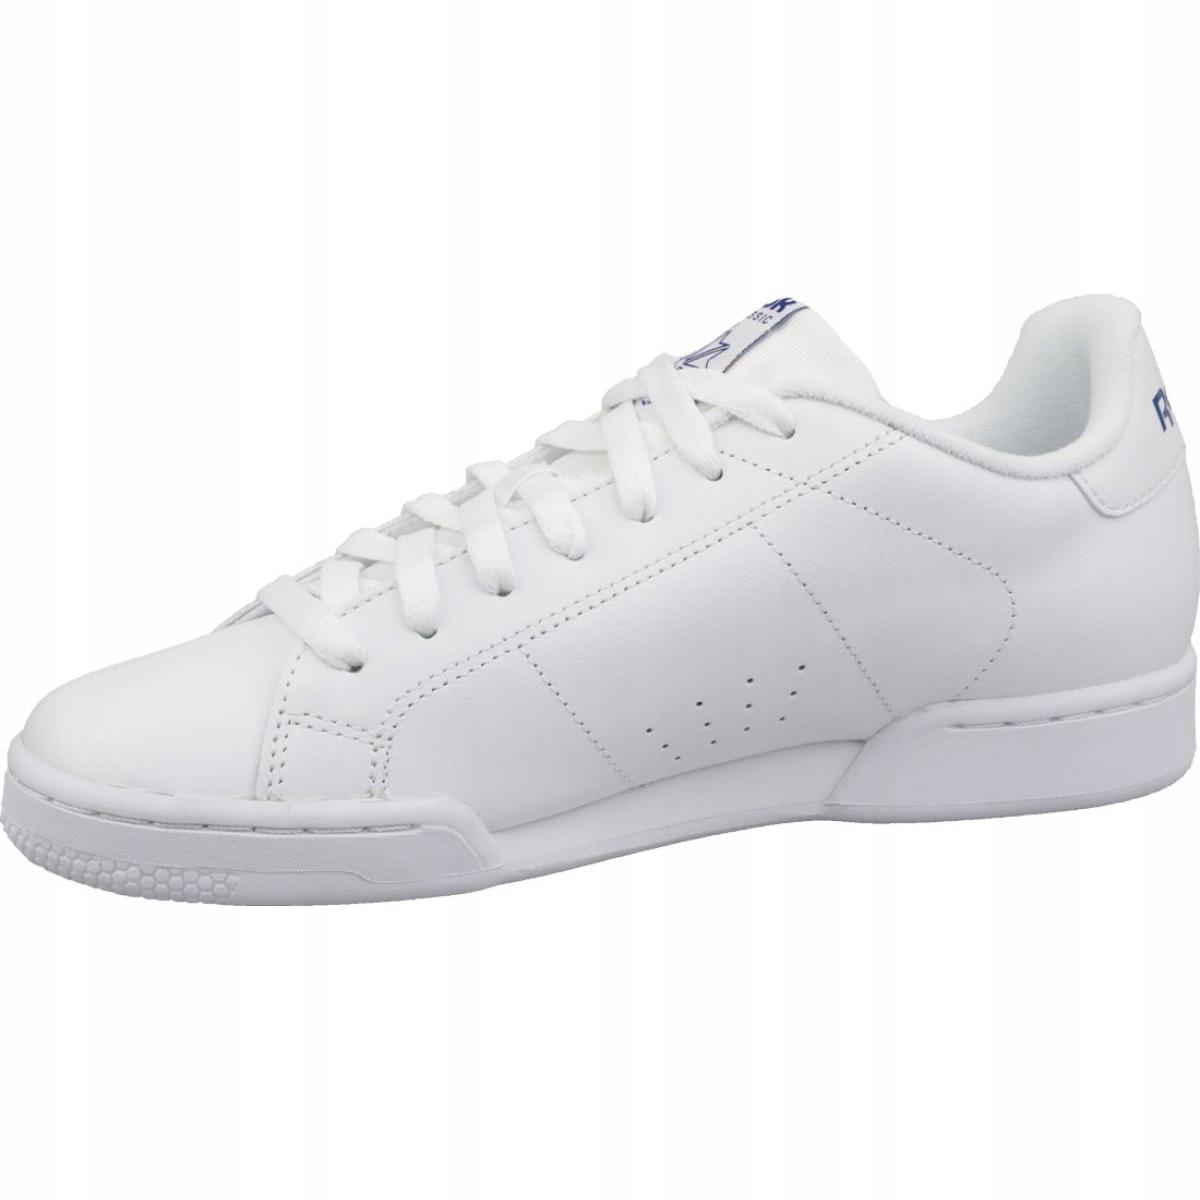 duża zniżka zniżki z fabryki sprzedaż uk White Reebok Npc Ii M 1354 shoes